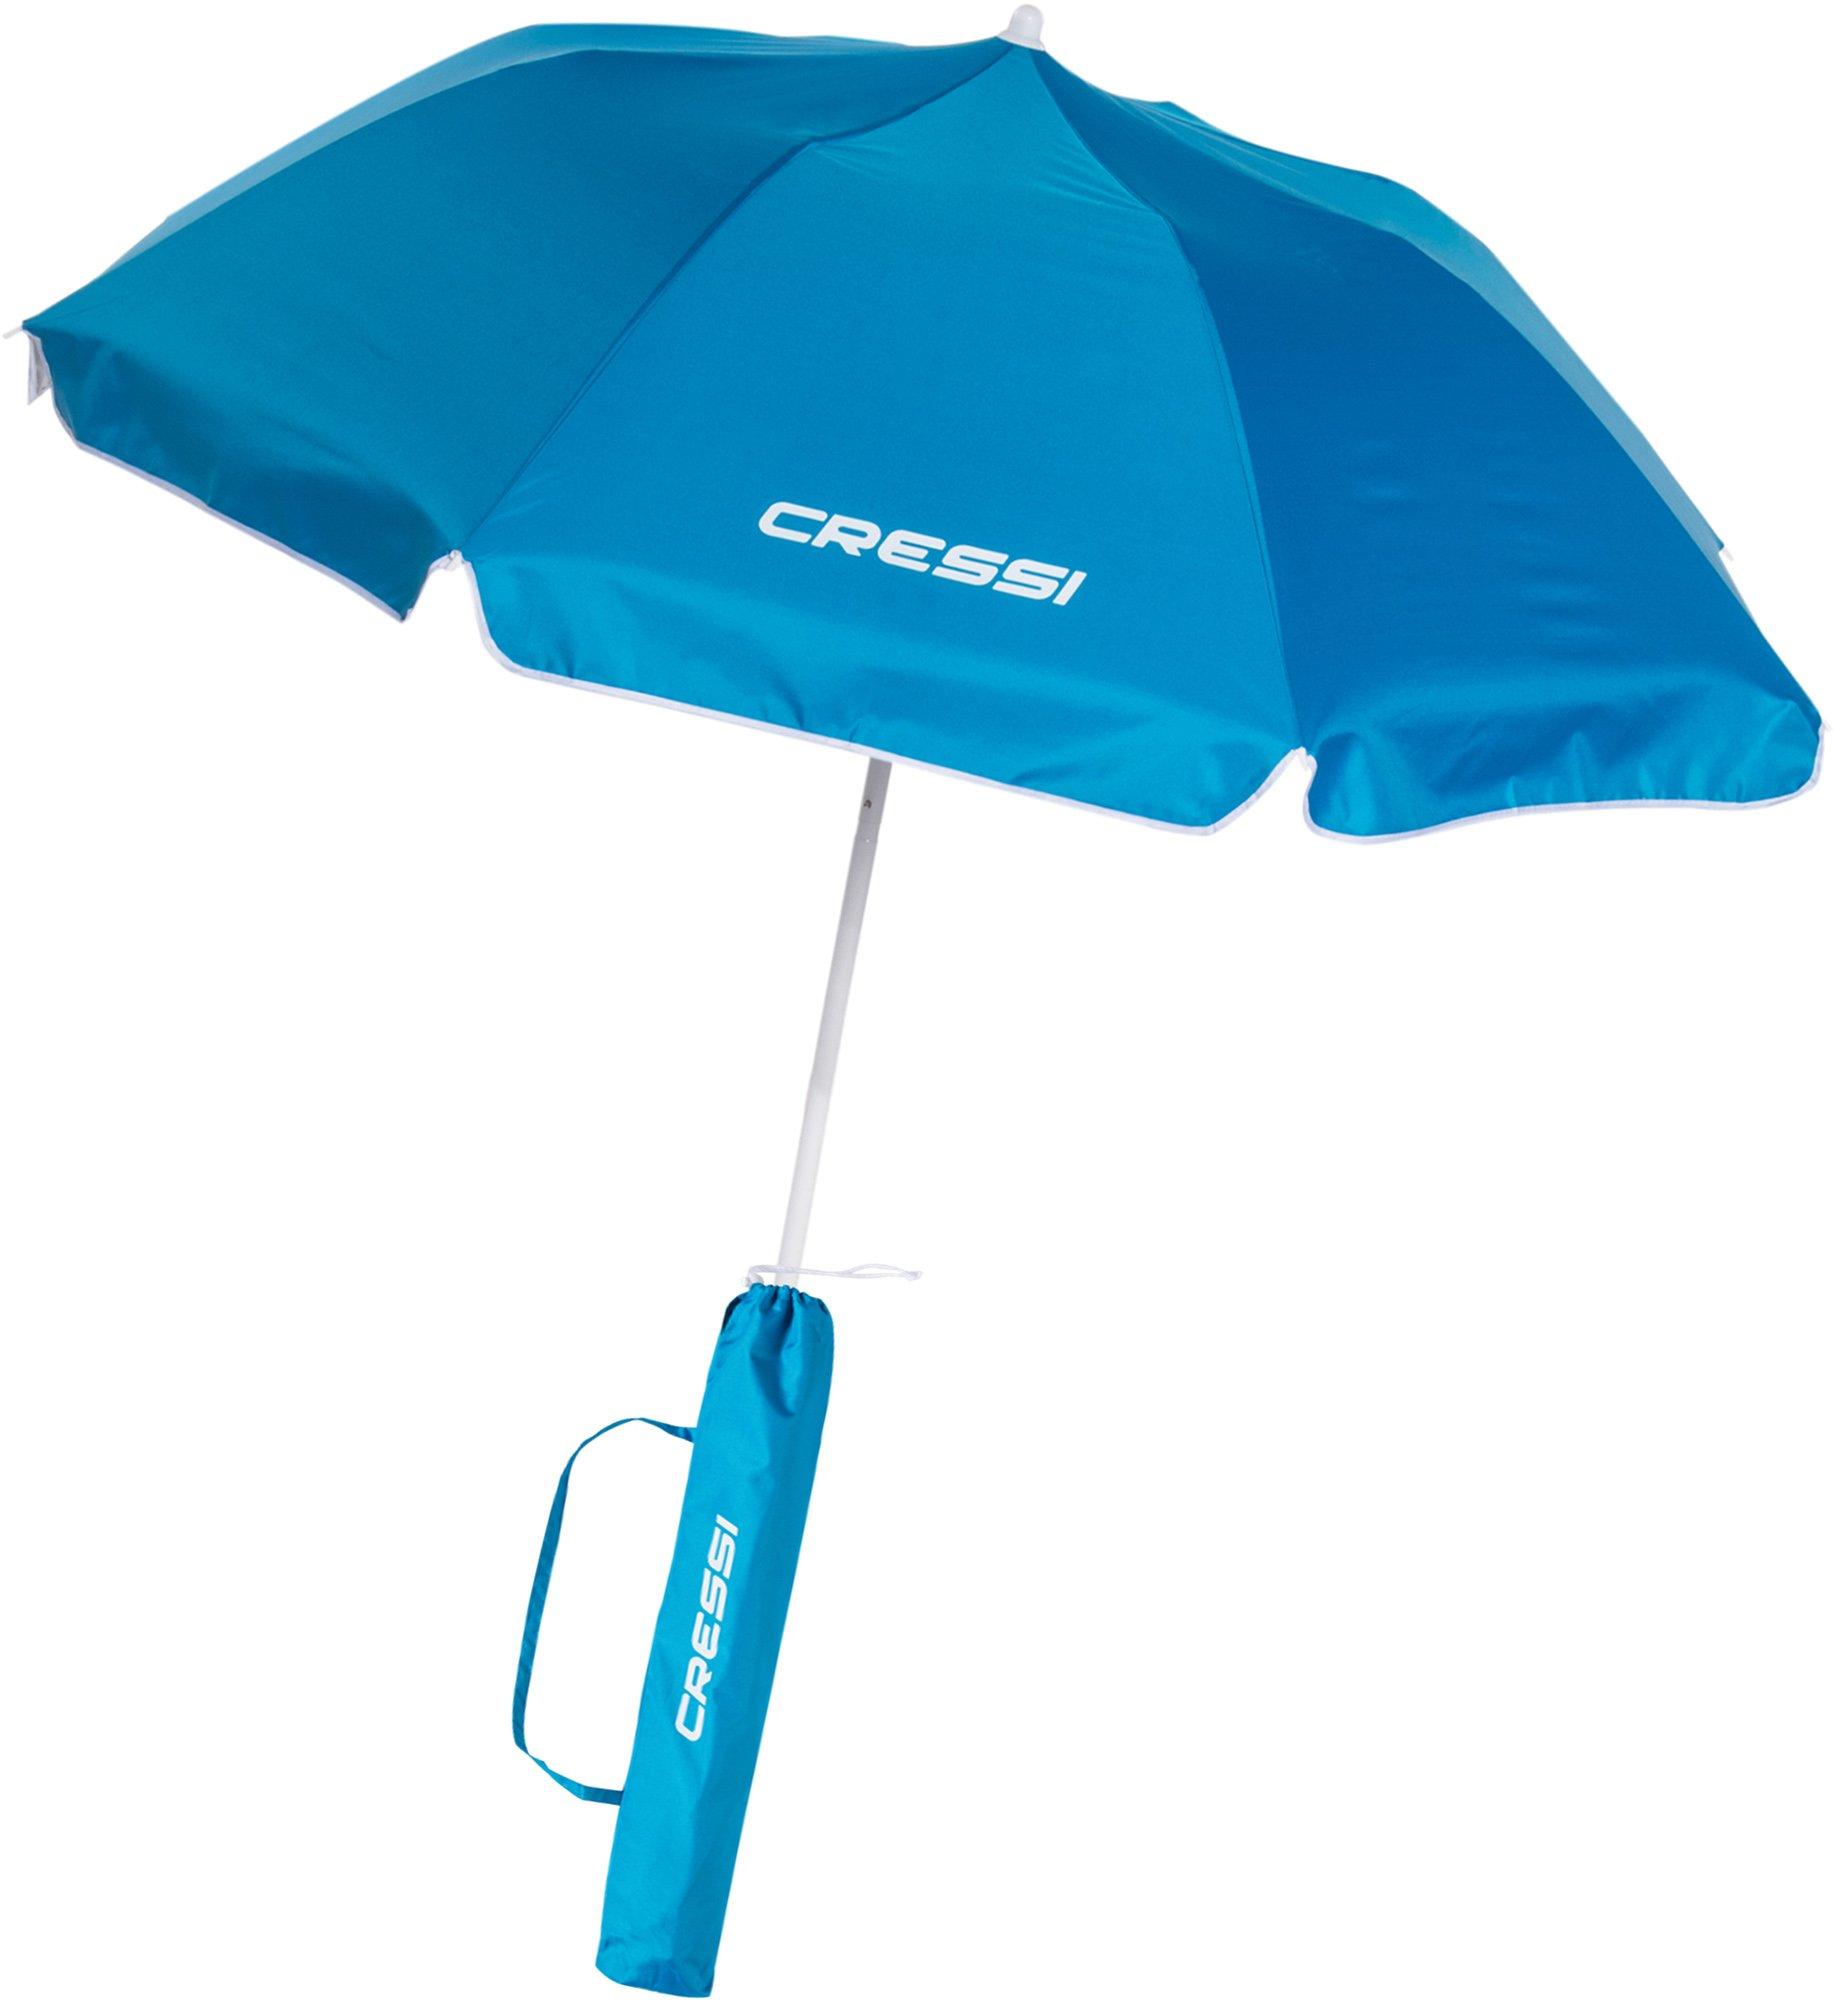 Cressi Premium Beach Umbrella Portable with Folding 2